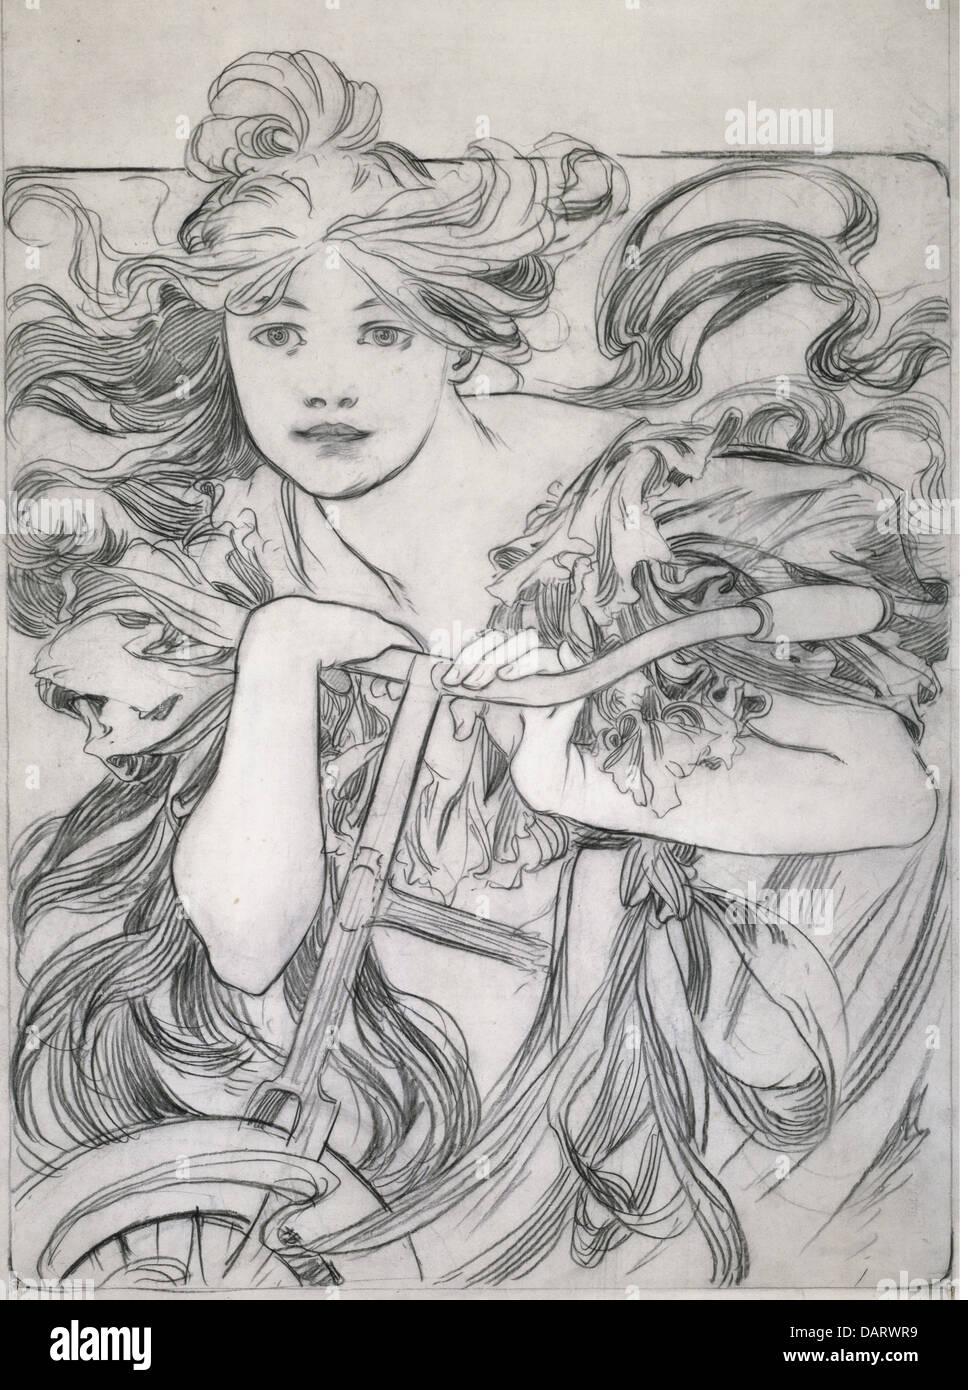 Beaux-arts, Mucha, Alfons (1860 - 1939), graphique, 'cycliste', croquis, dessin, 1902, collection privée, location, personnes, Banque D'Images